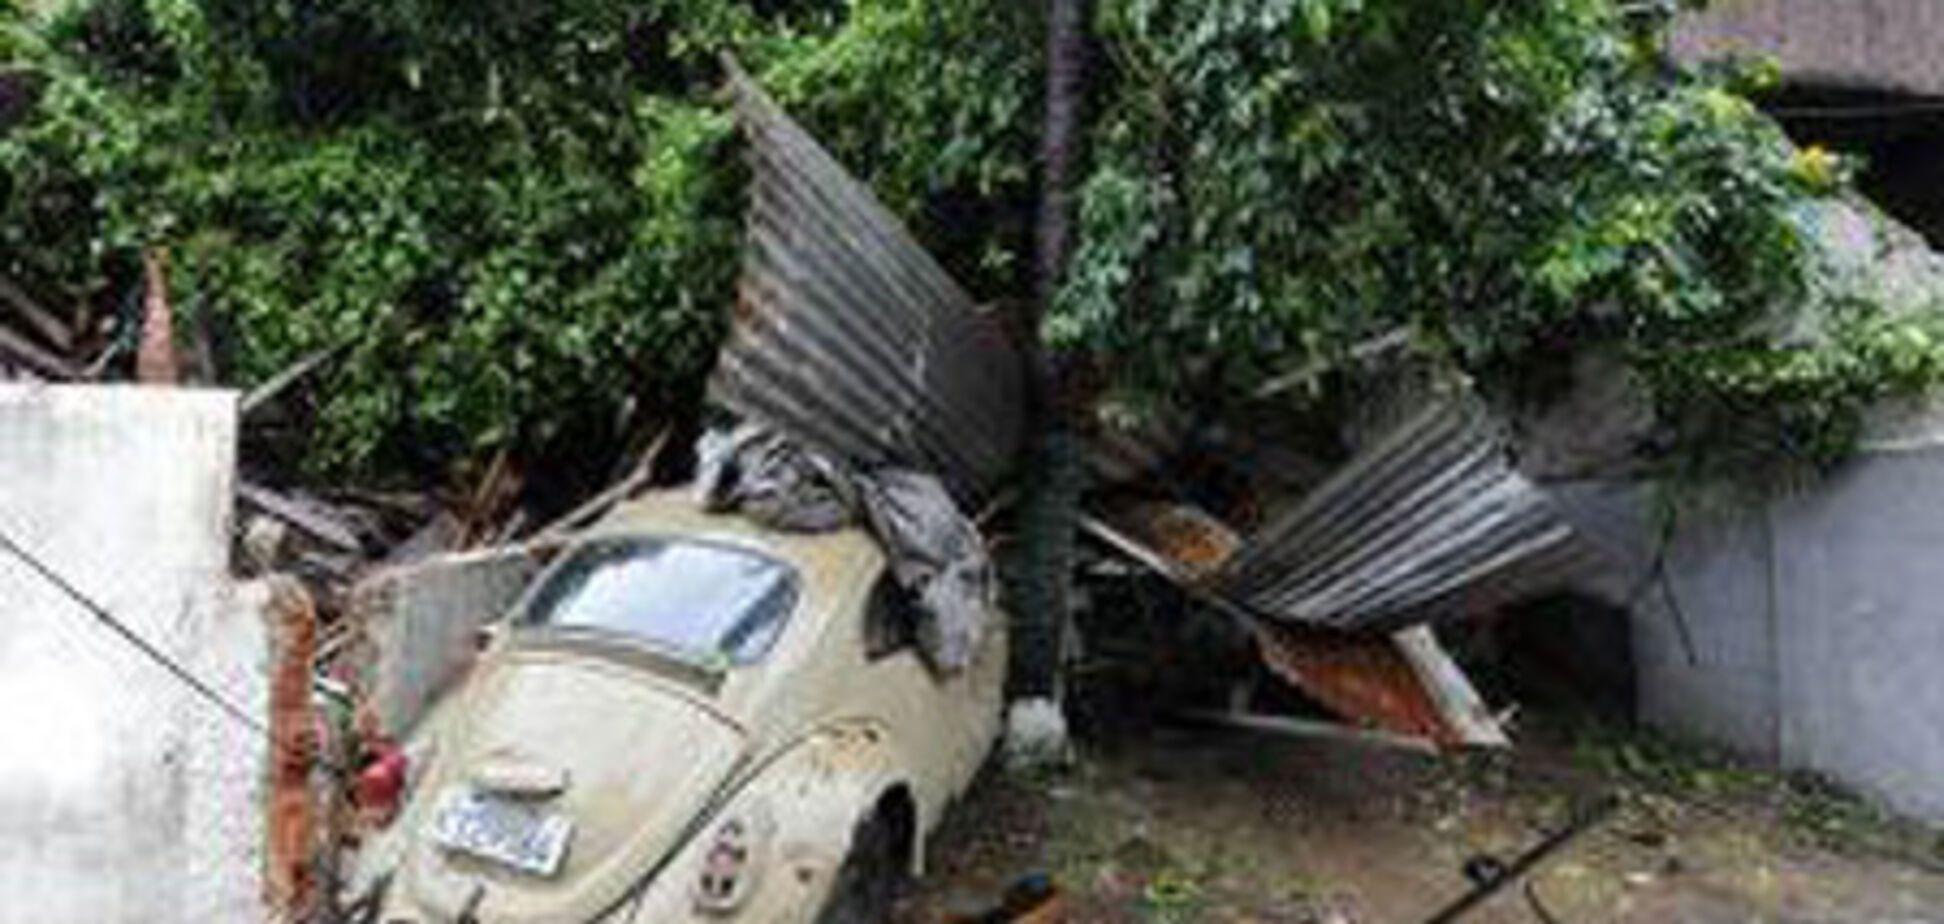 Повені в Бразилії: кількість жертв перевищила 700 осіб